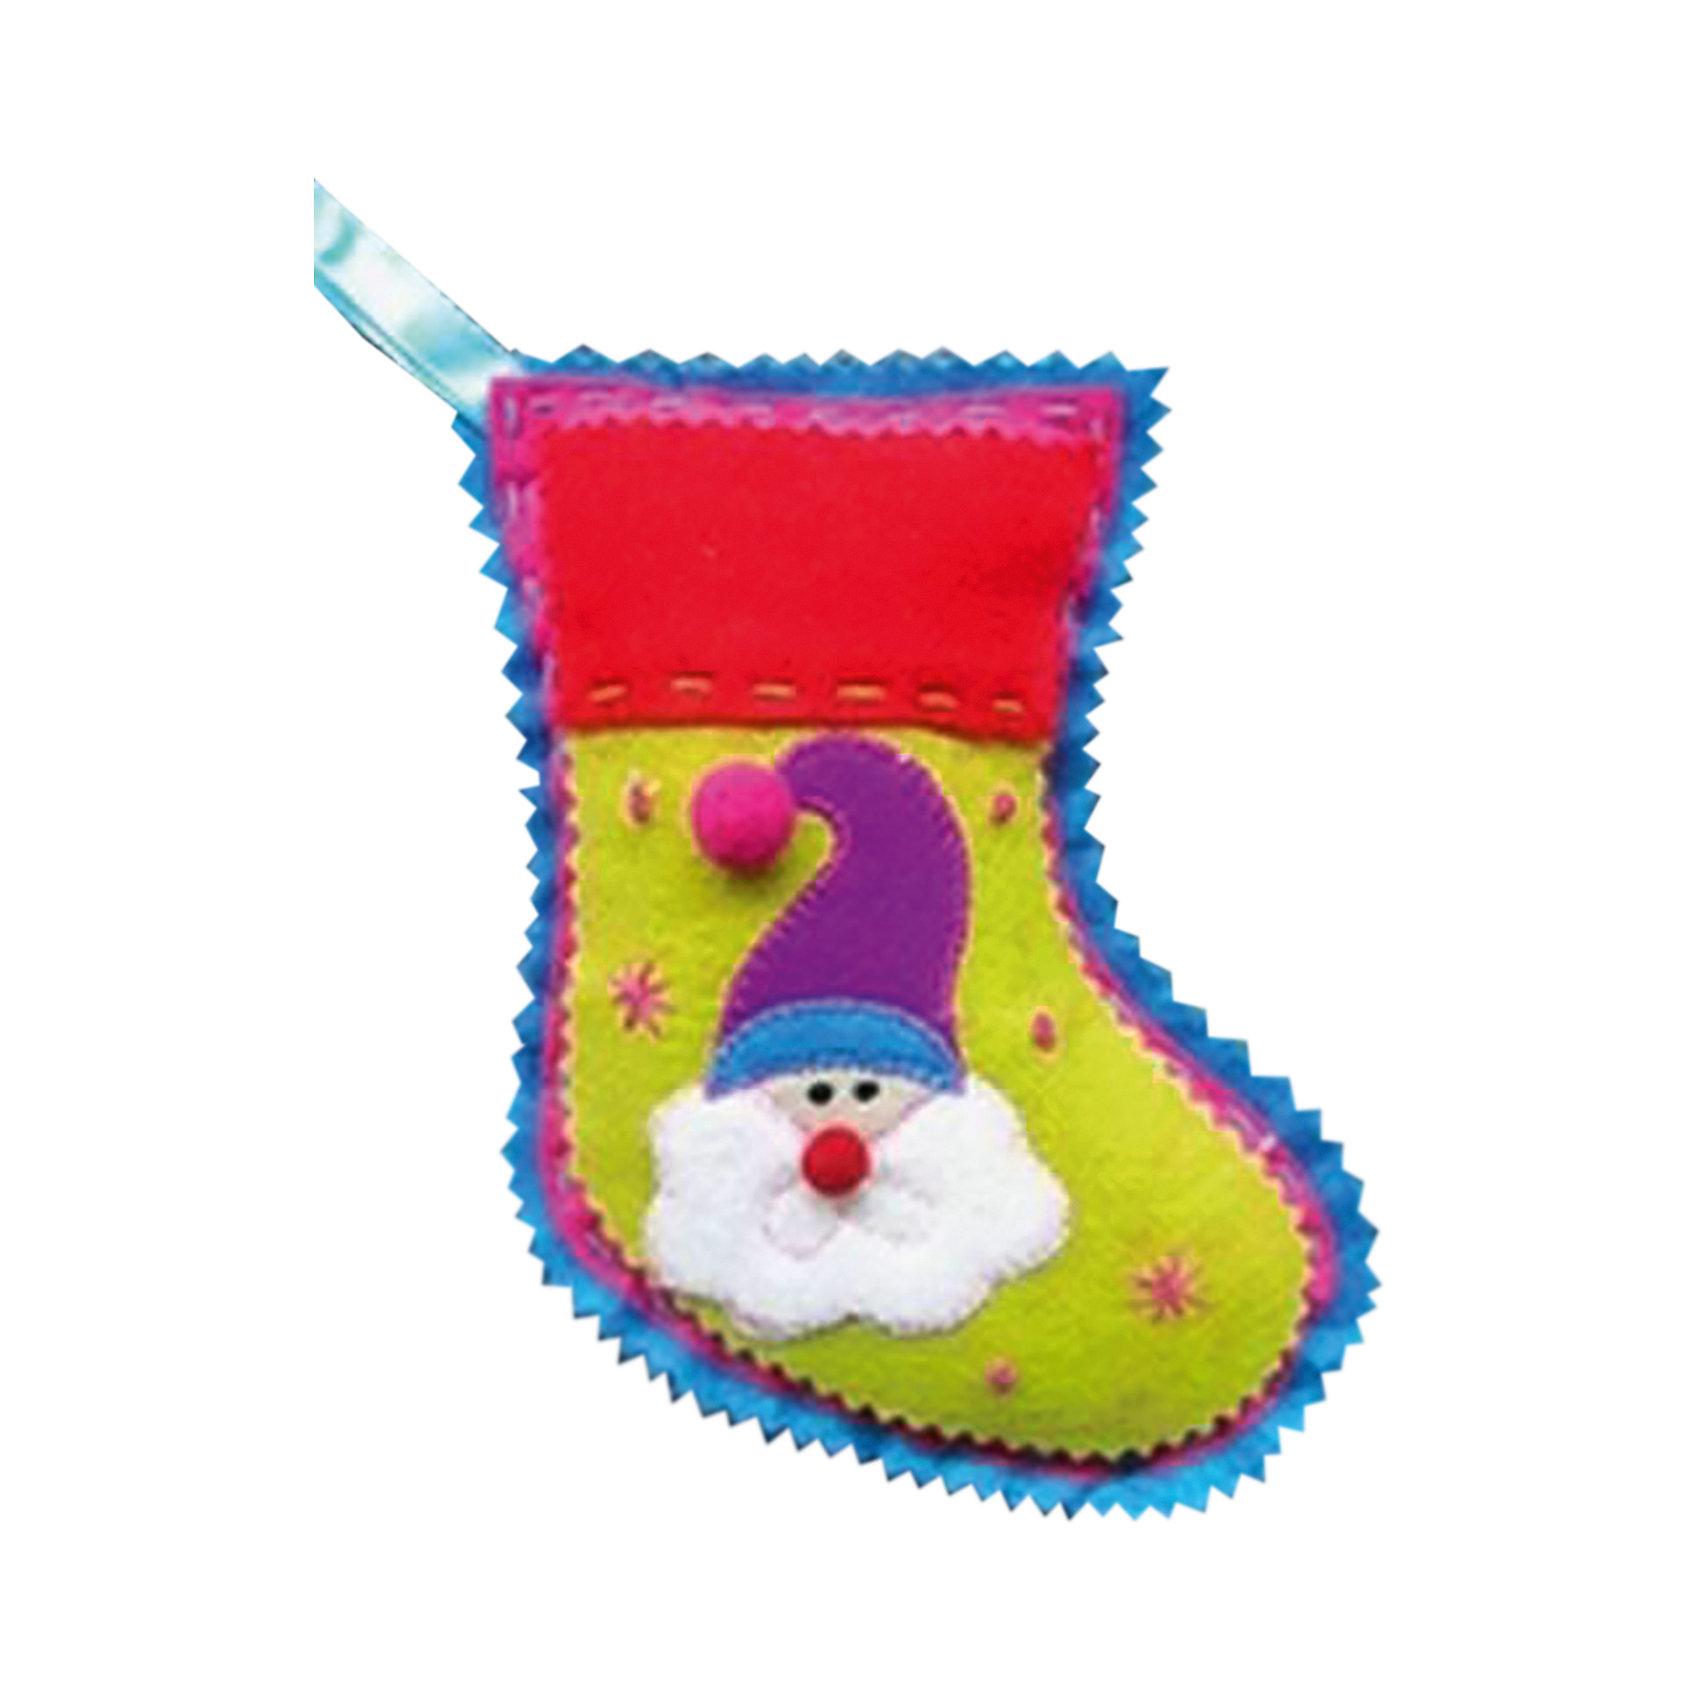 Украшение из ткани Носок 18 смВсё для праздника<br>Новогоднее подвесное украшение из ткани-25340 (полиэстер) Носок 18 см<br><br>Ширина мм: 130<br>Глубина мм: 180<br>Высота мм: 20<br>Вес г: 27<br>Возраст от месяцев: 60<br>Возраст до месяцев: 600<br>Пол: Унисекс<br>Возраст: Детский<br>SKU: 5144619